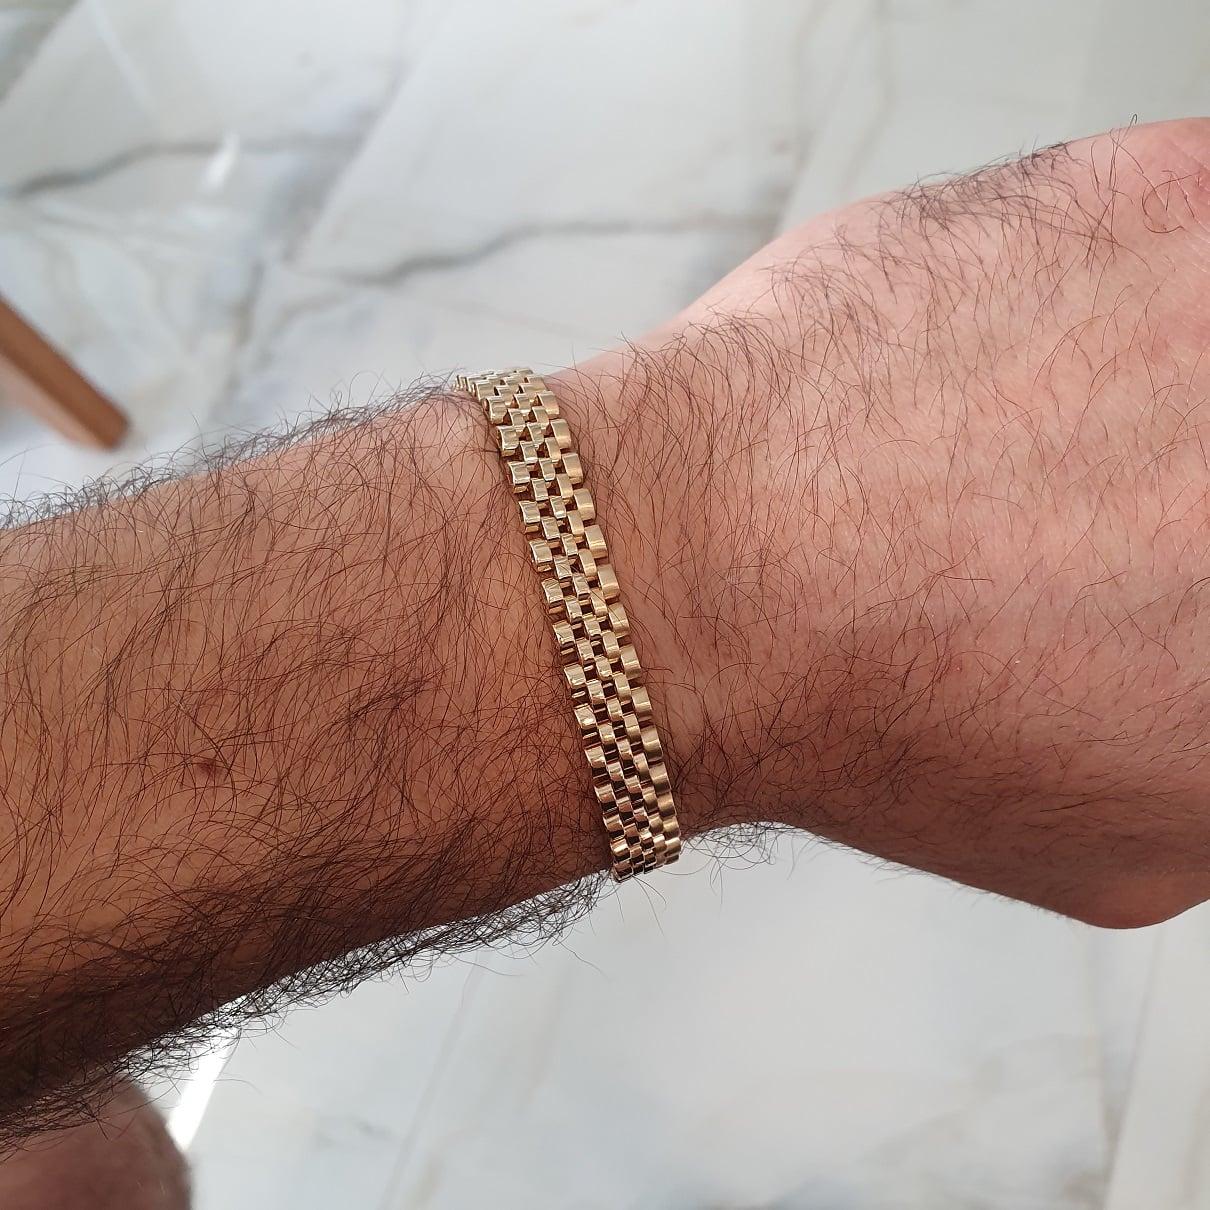 צמיד איטלקי לגבר , צמיד חוליות בזהב 14 קרט